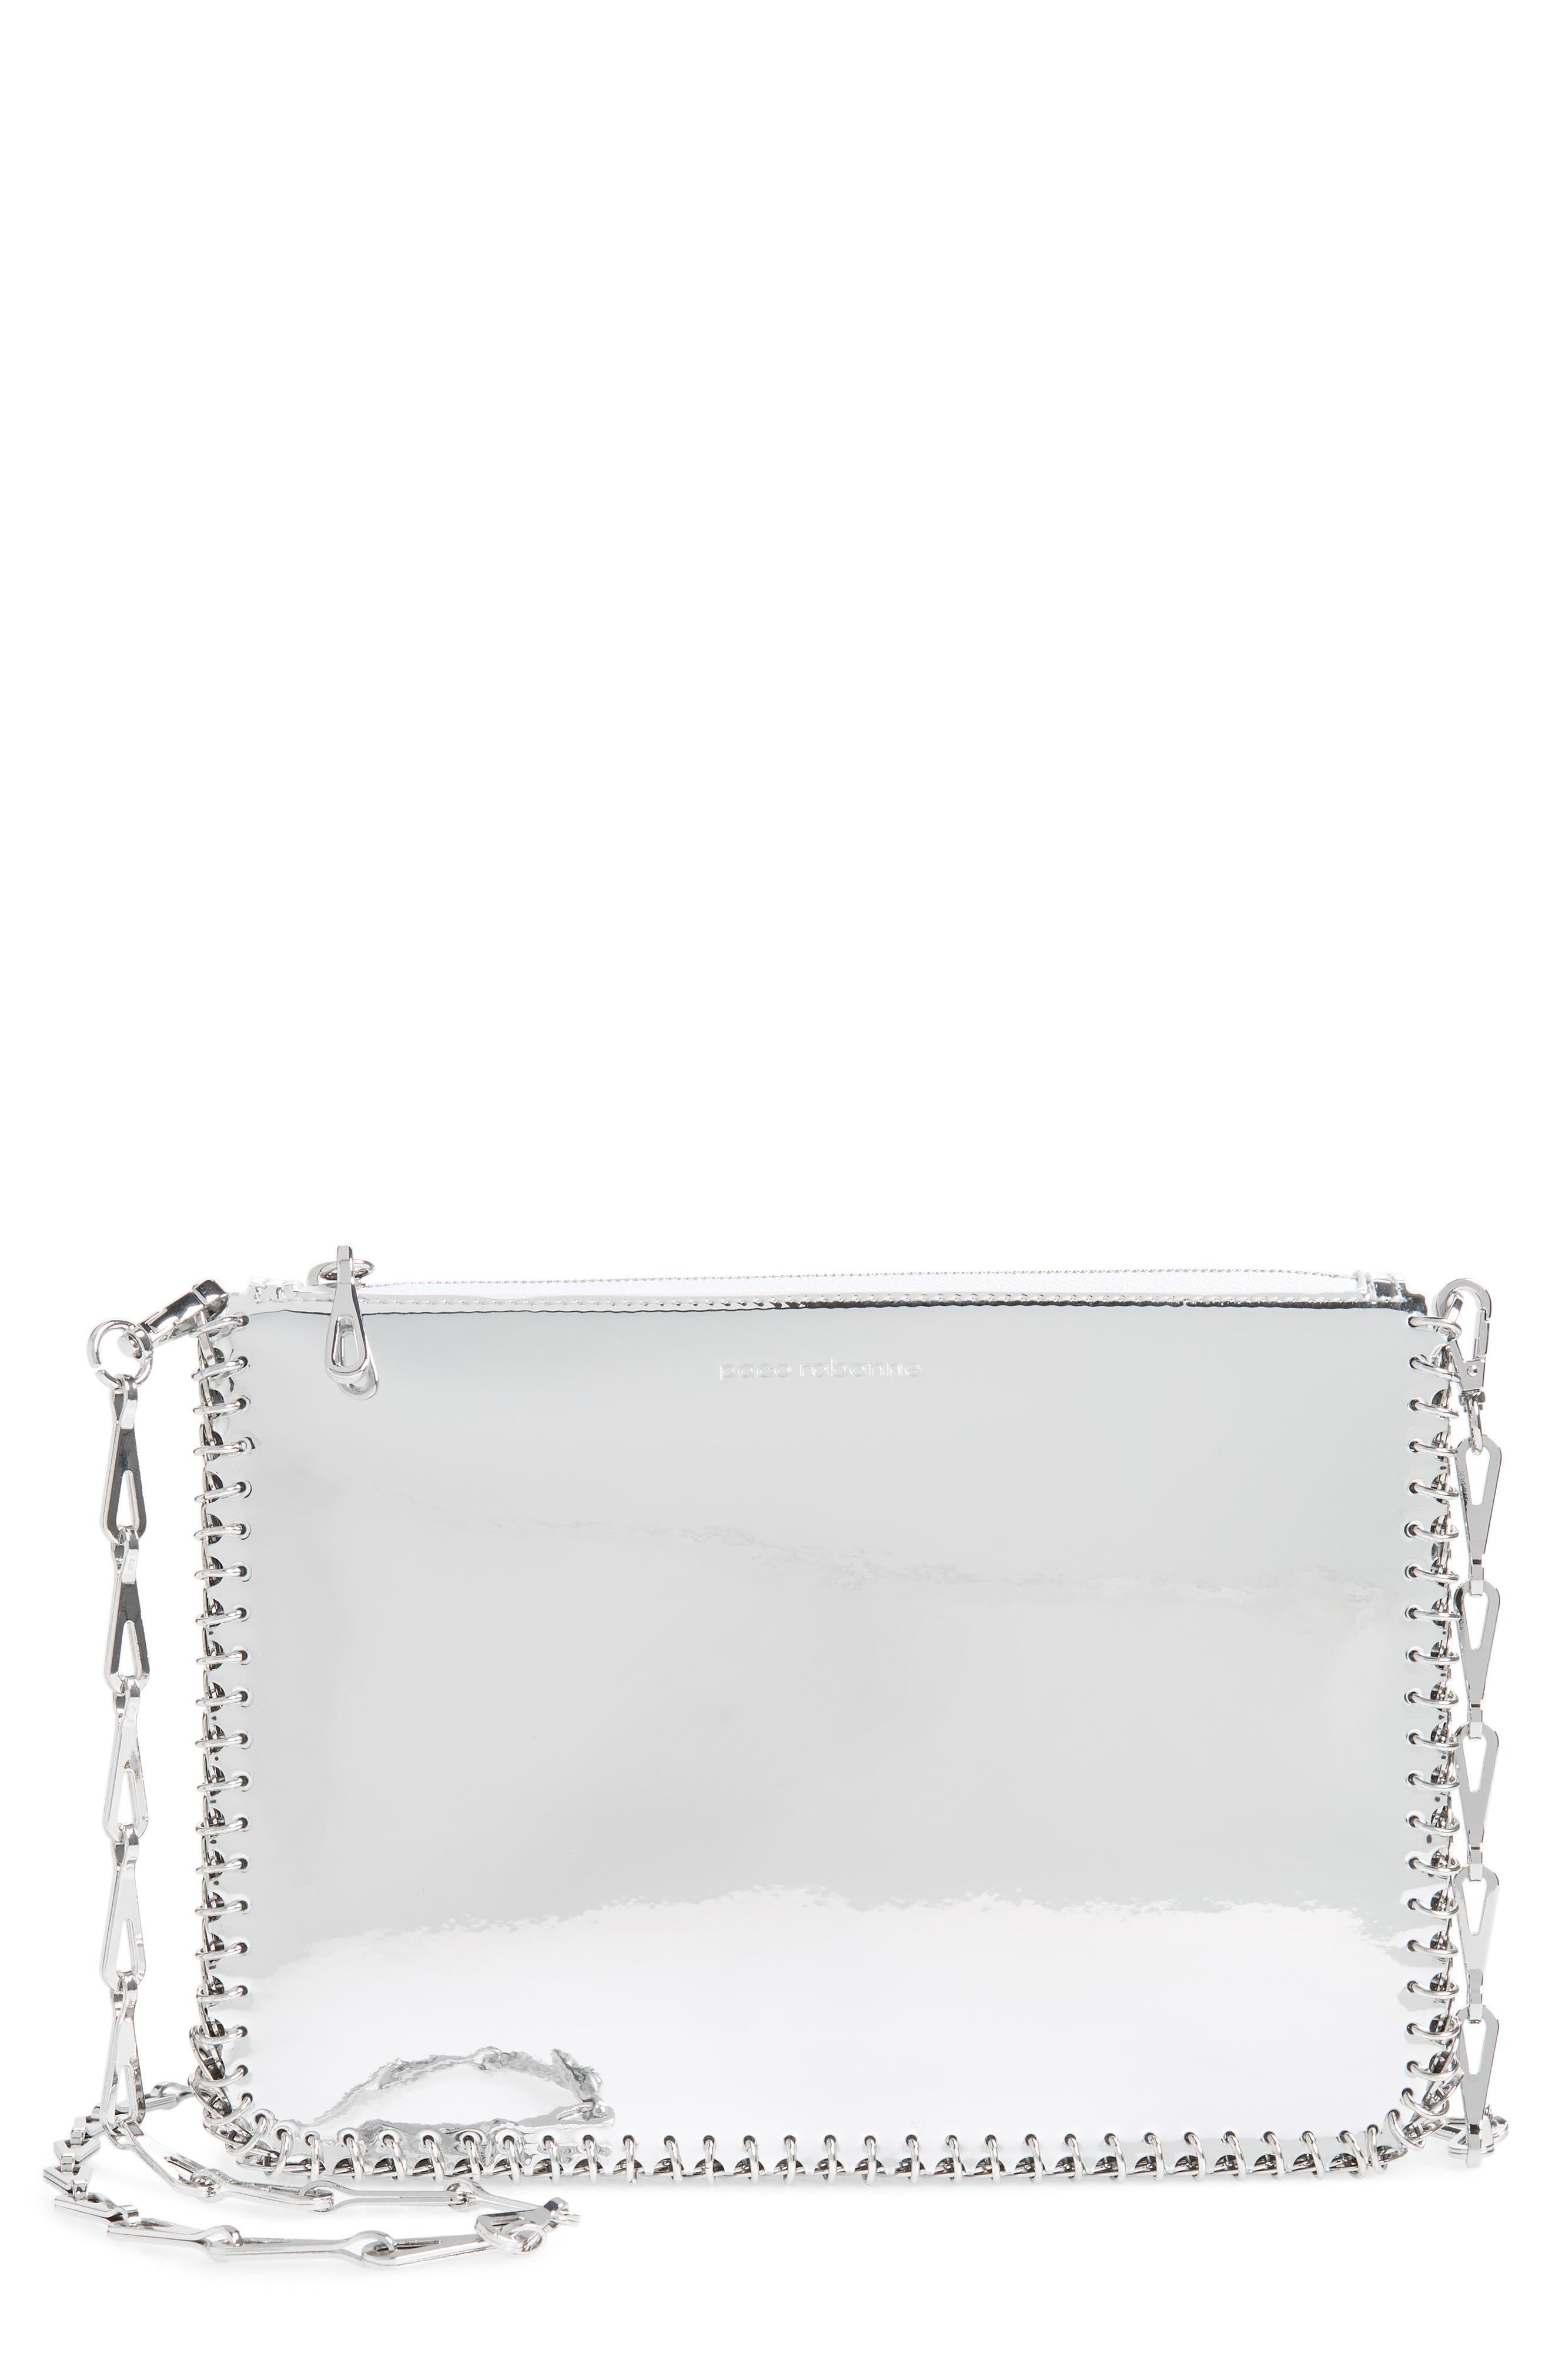 Iconic Metallic Crossbody Bag - Metallic in Silver